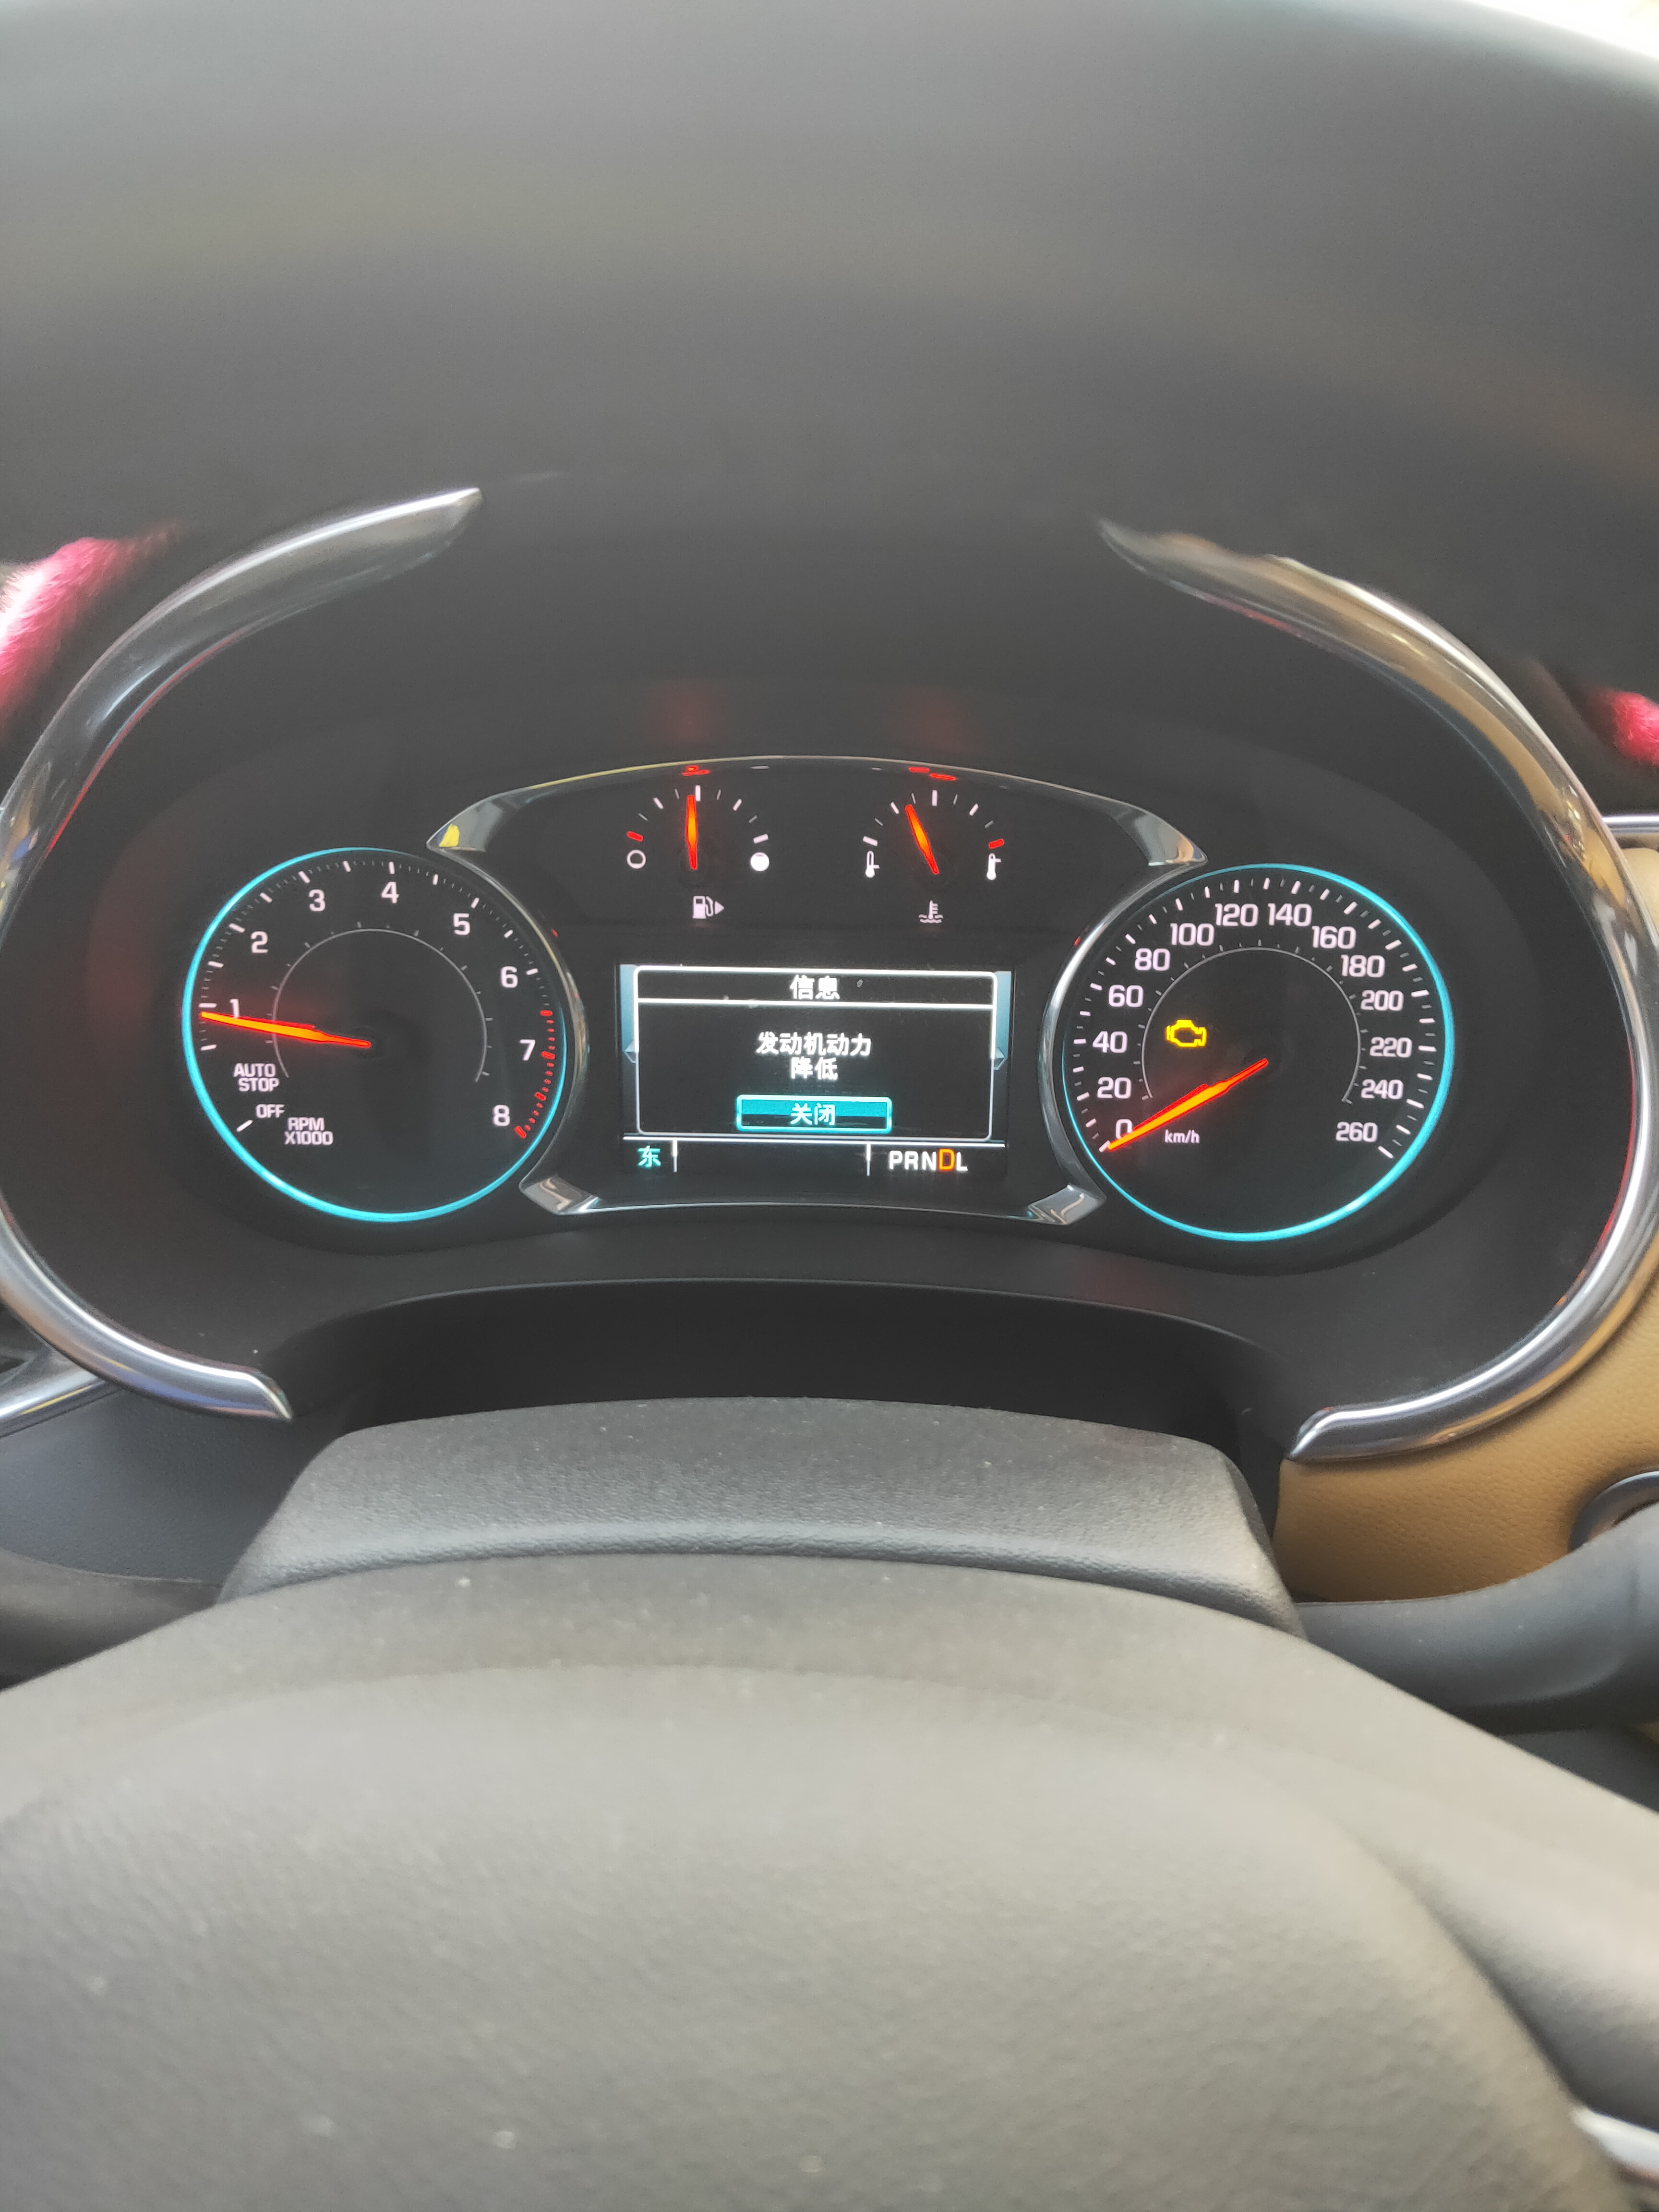 上汽通用-迈锐宝XL 发动机动力降低,变速箱异响